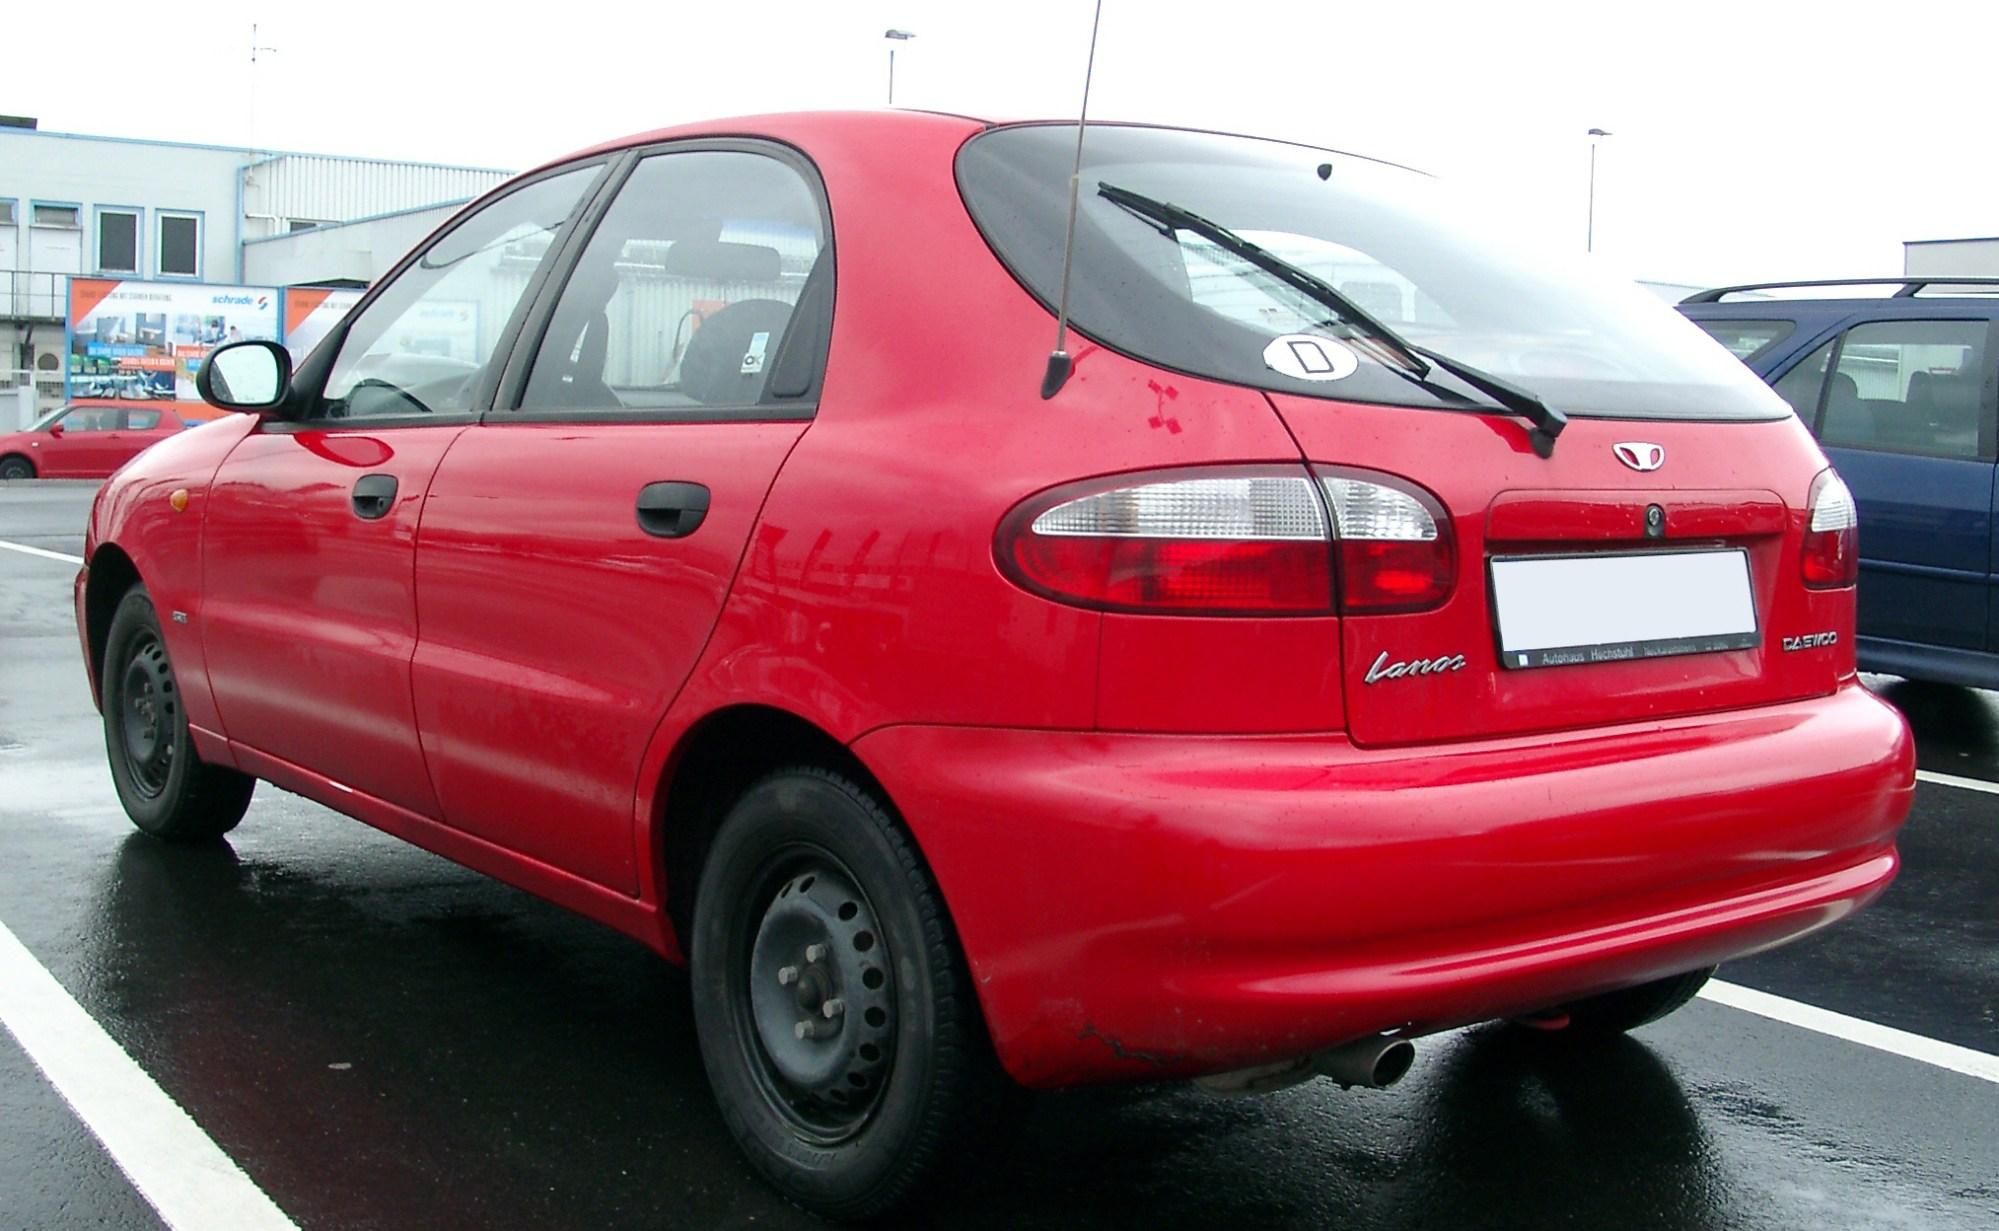 hight resolution of description daewoo lanos rear 20070323 jpg